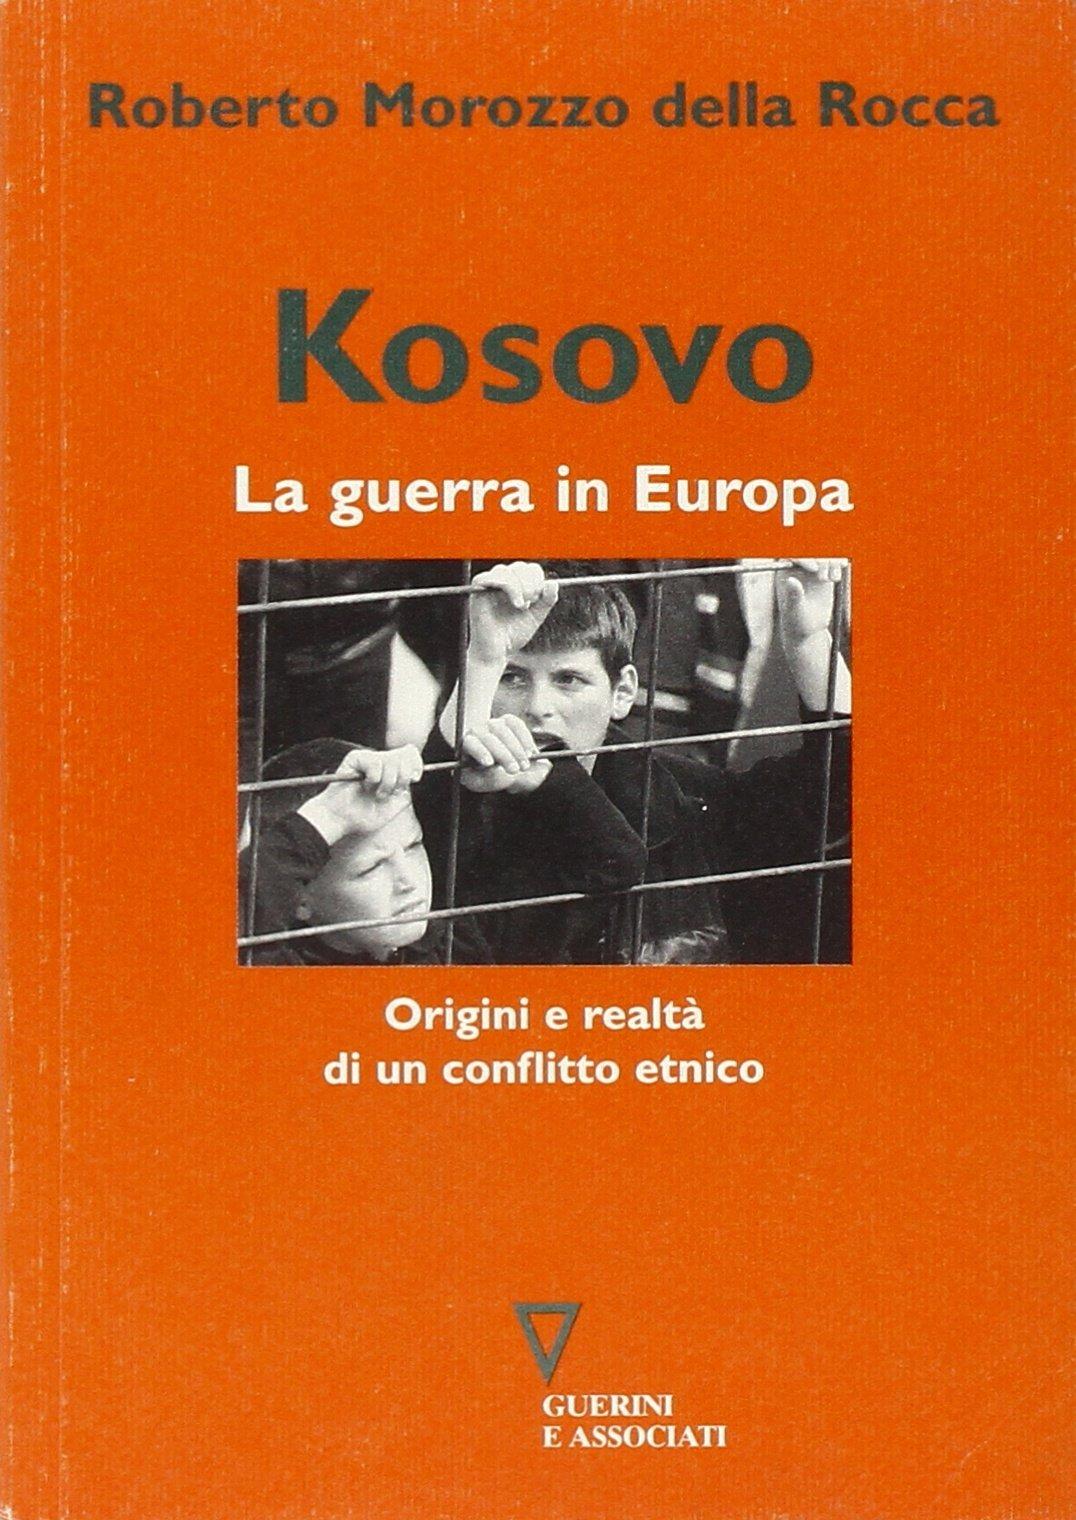 Kosovo. La guerra in Europa. Origini e realtà di un conflitto etnico